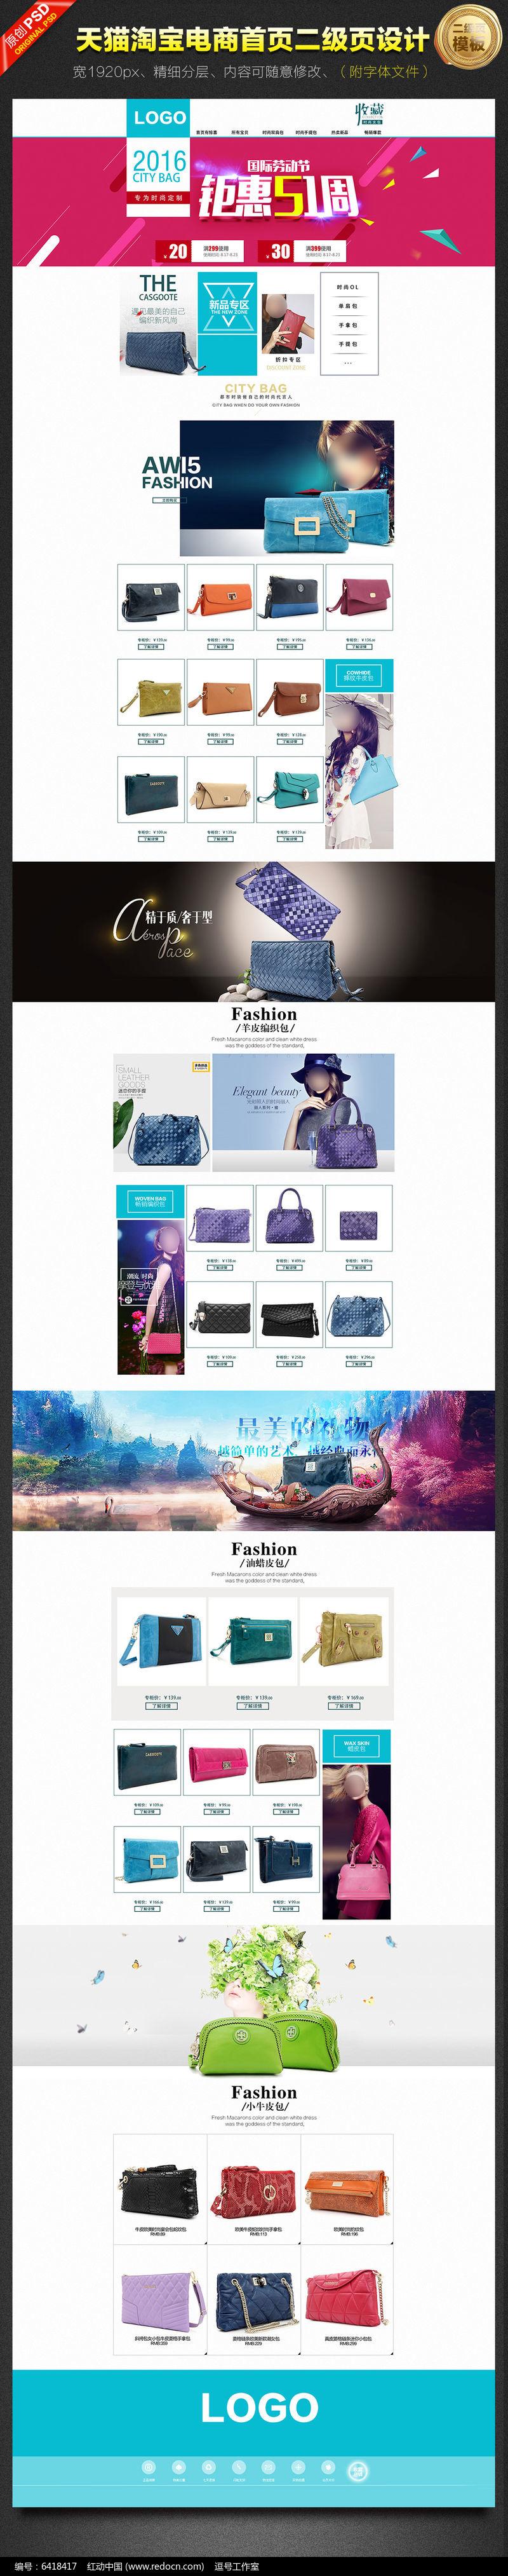 51简约清新时尚海报店招女包首页二级页模板图片